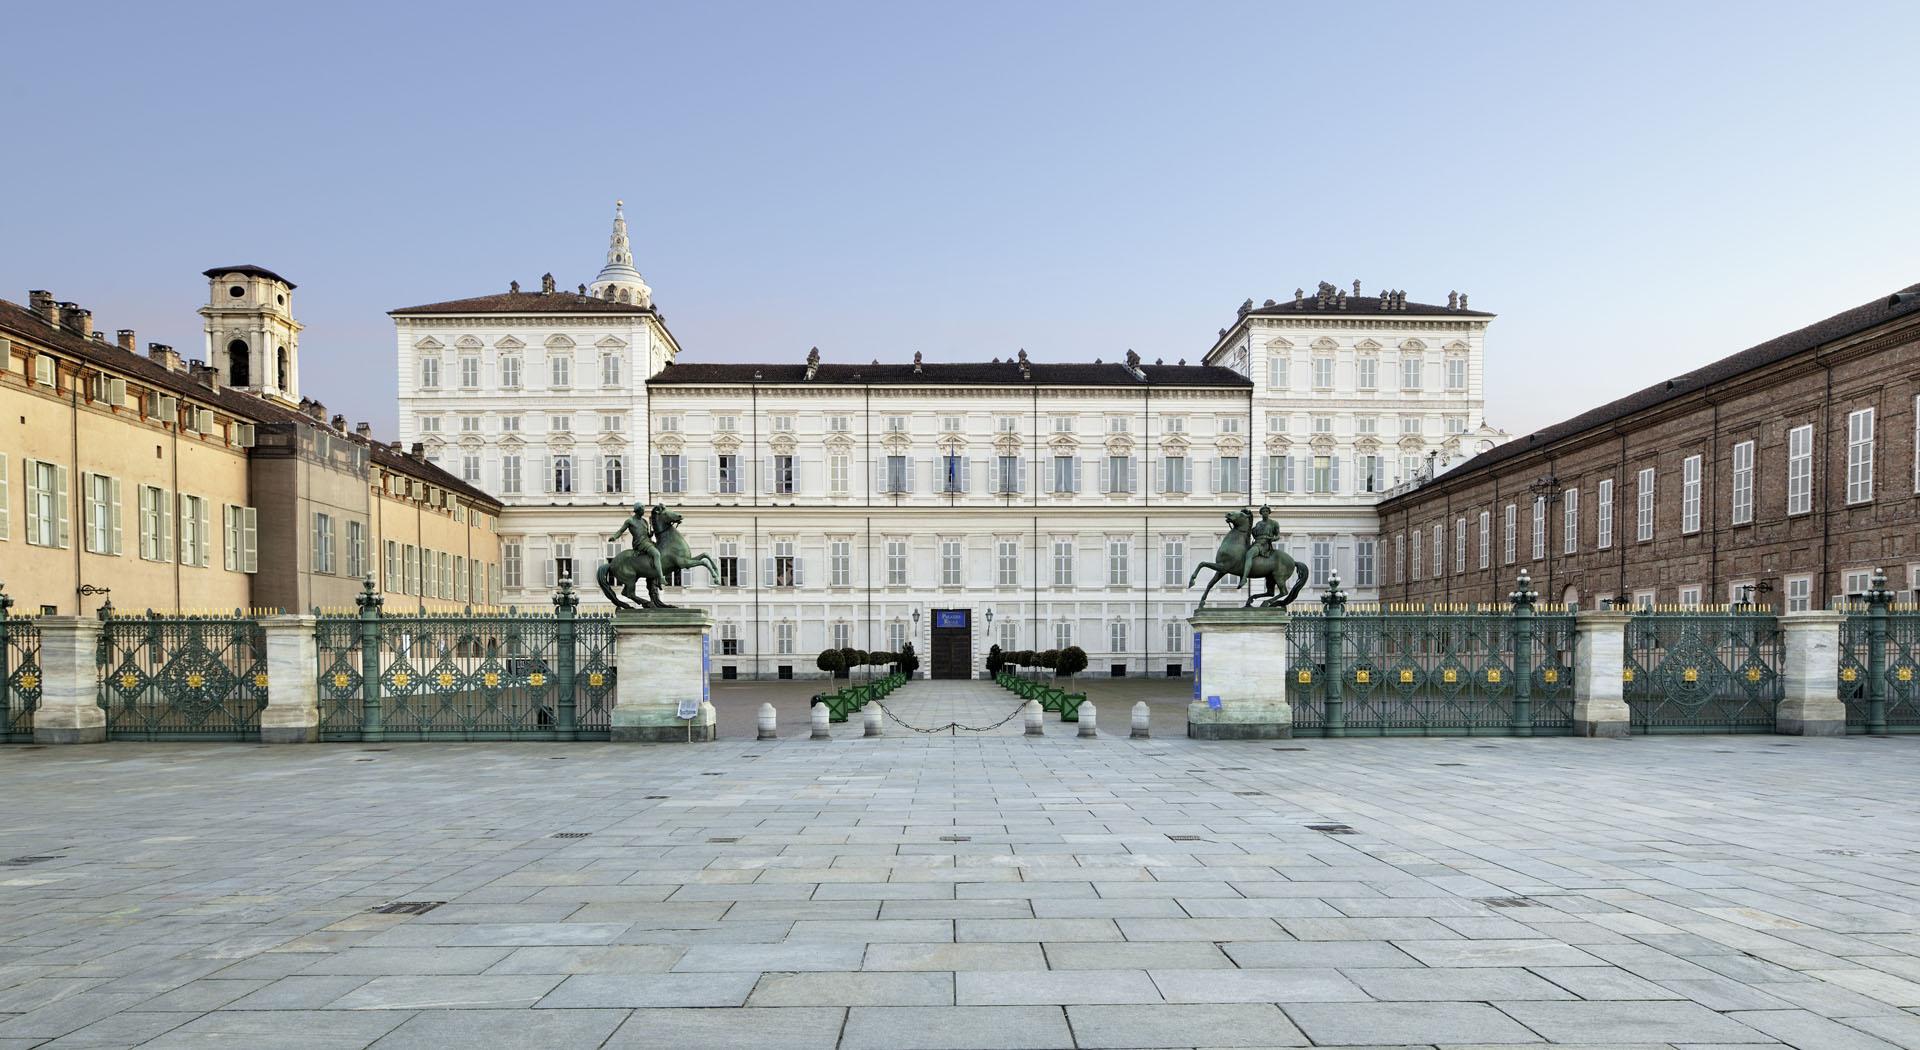 CULTURA – Rassegna di film a Palazzo reale a Torino: il tema degli intrighi